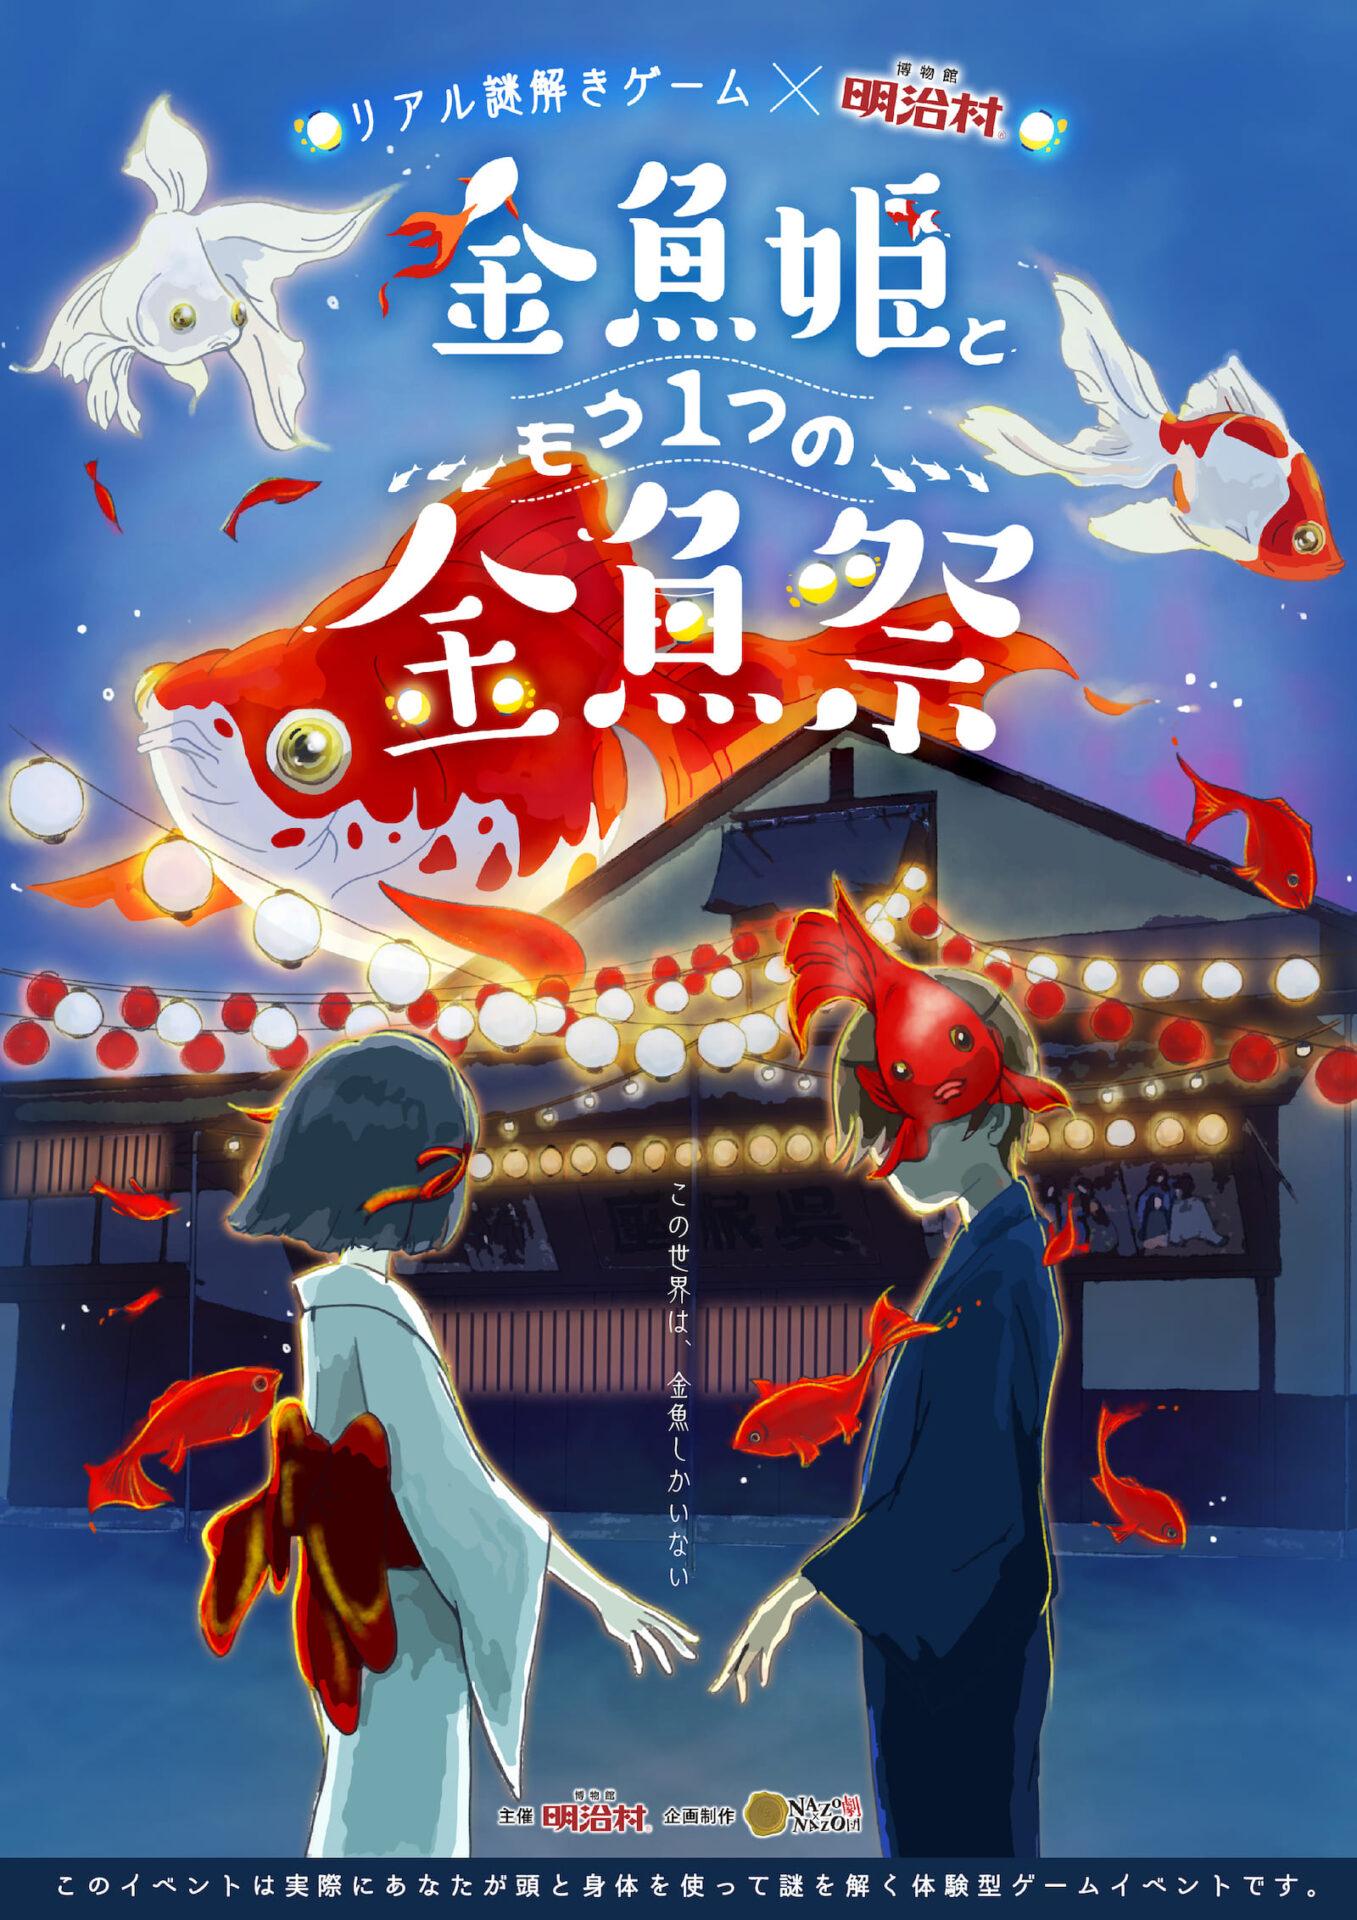 リアル謎解きゲーム×博物館明治村「金魚姫ともう1つの金魚祭」(愛知)